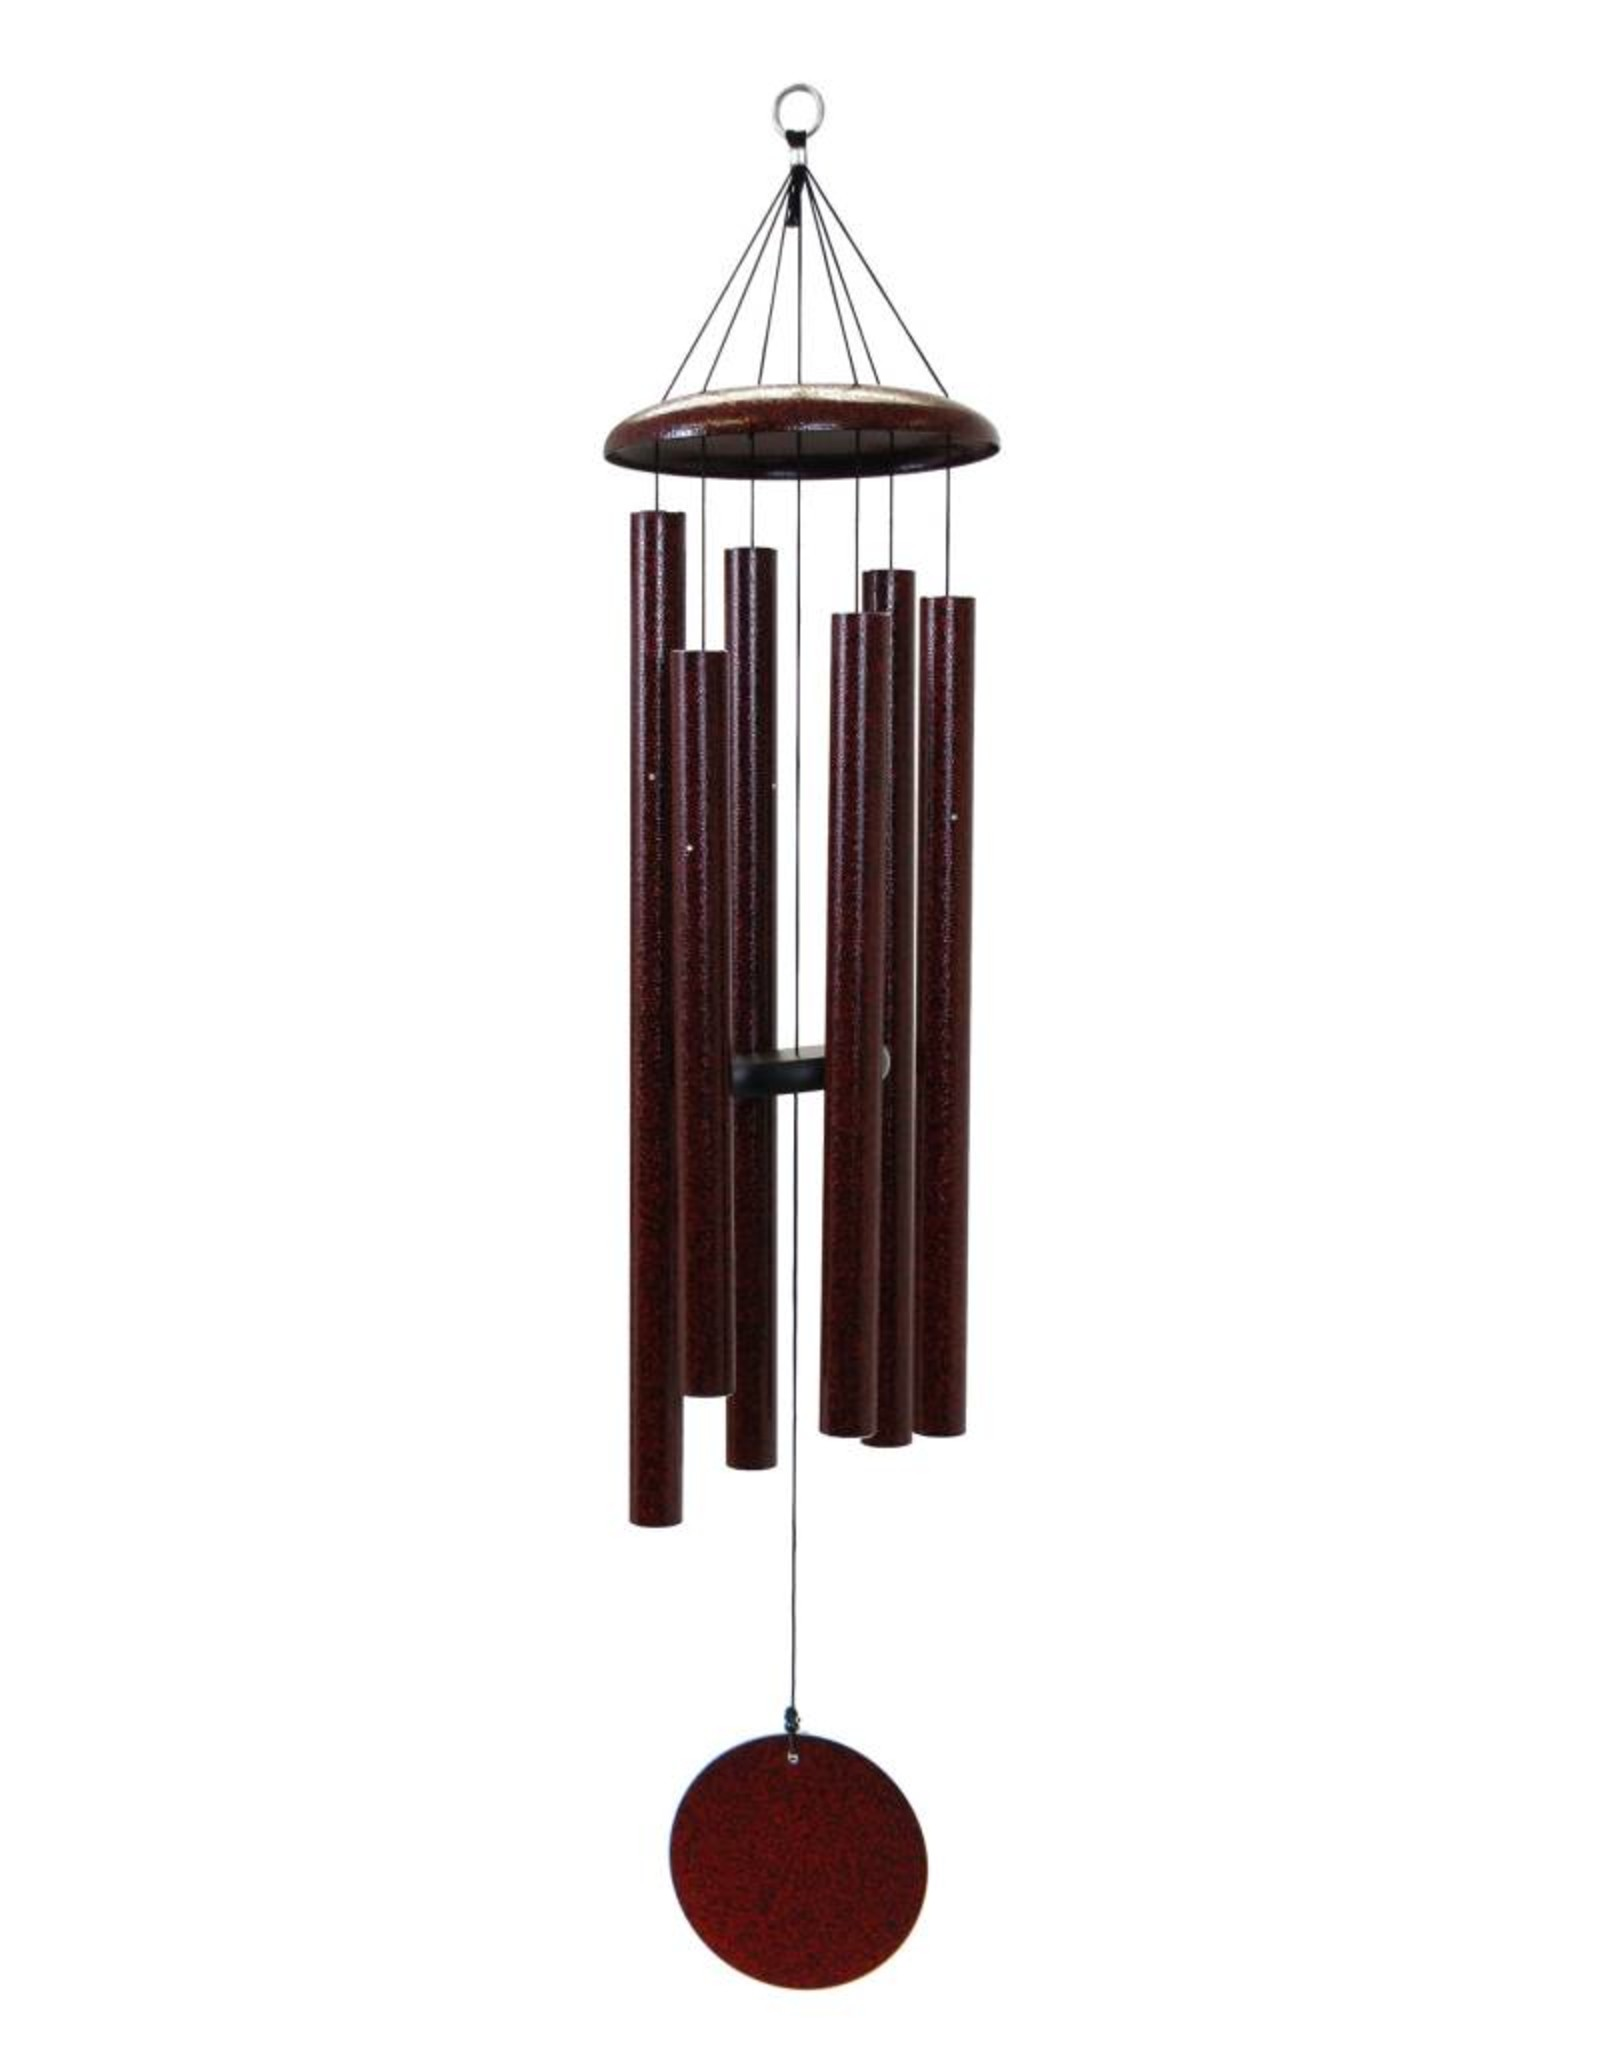 Corinthian Bells Corinthian Bells Windchimes - 44 Inch